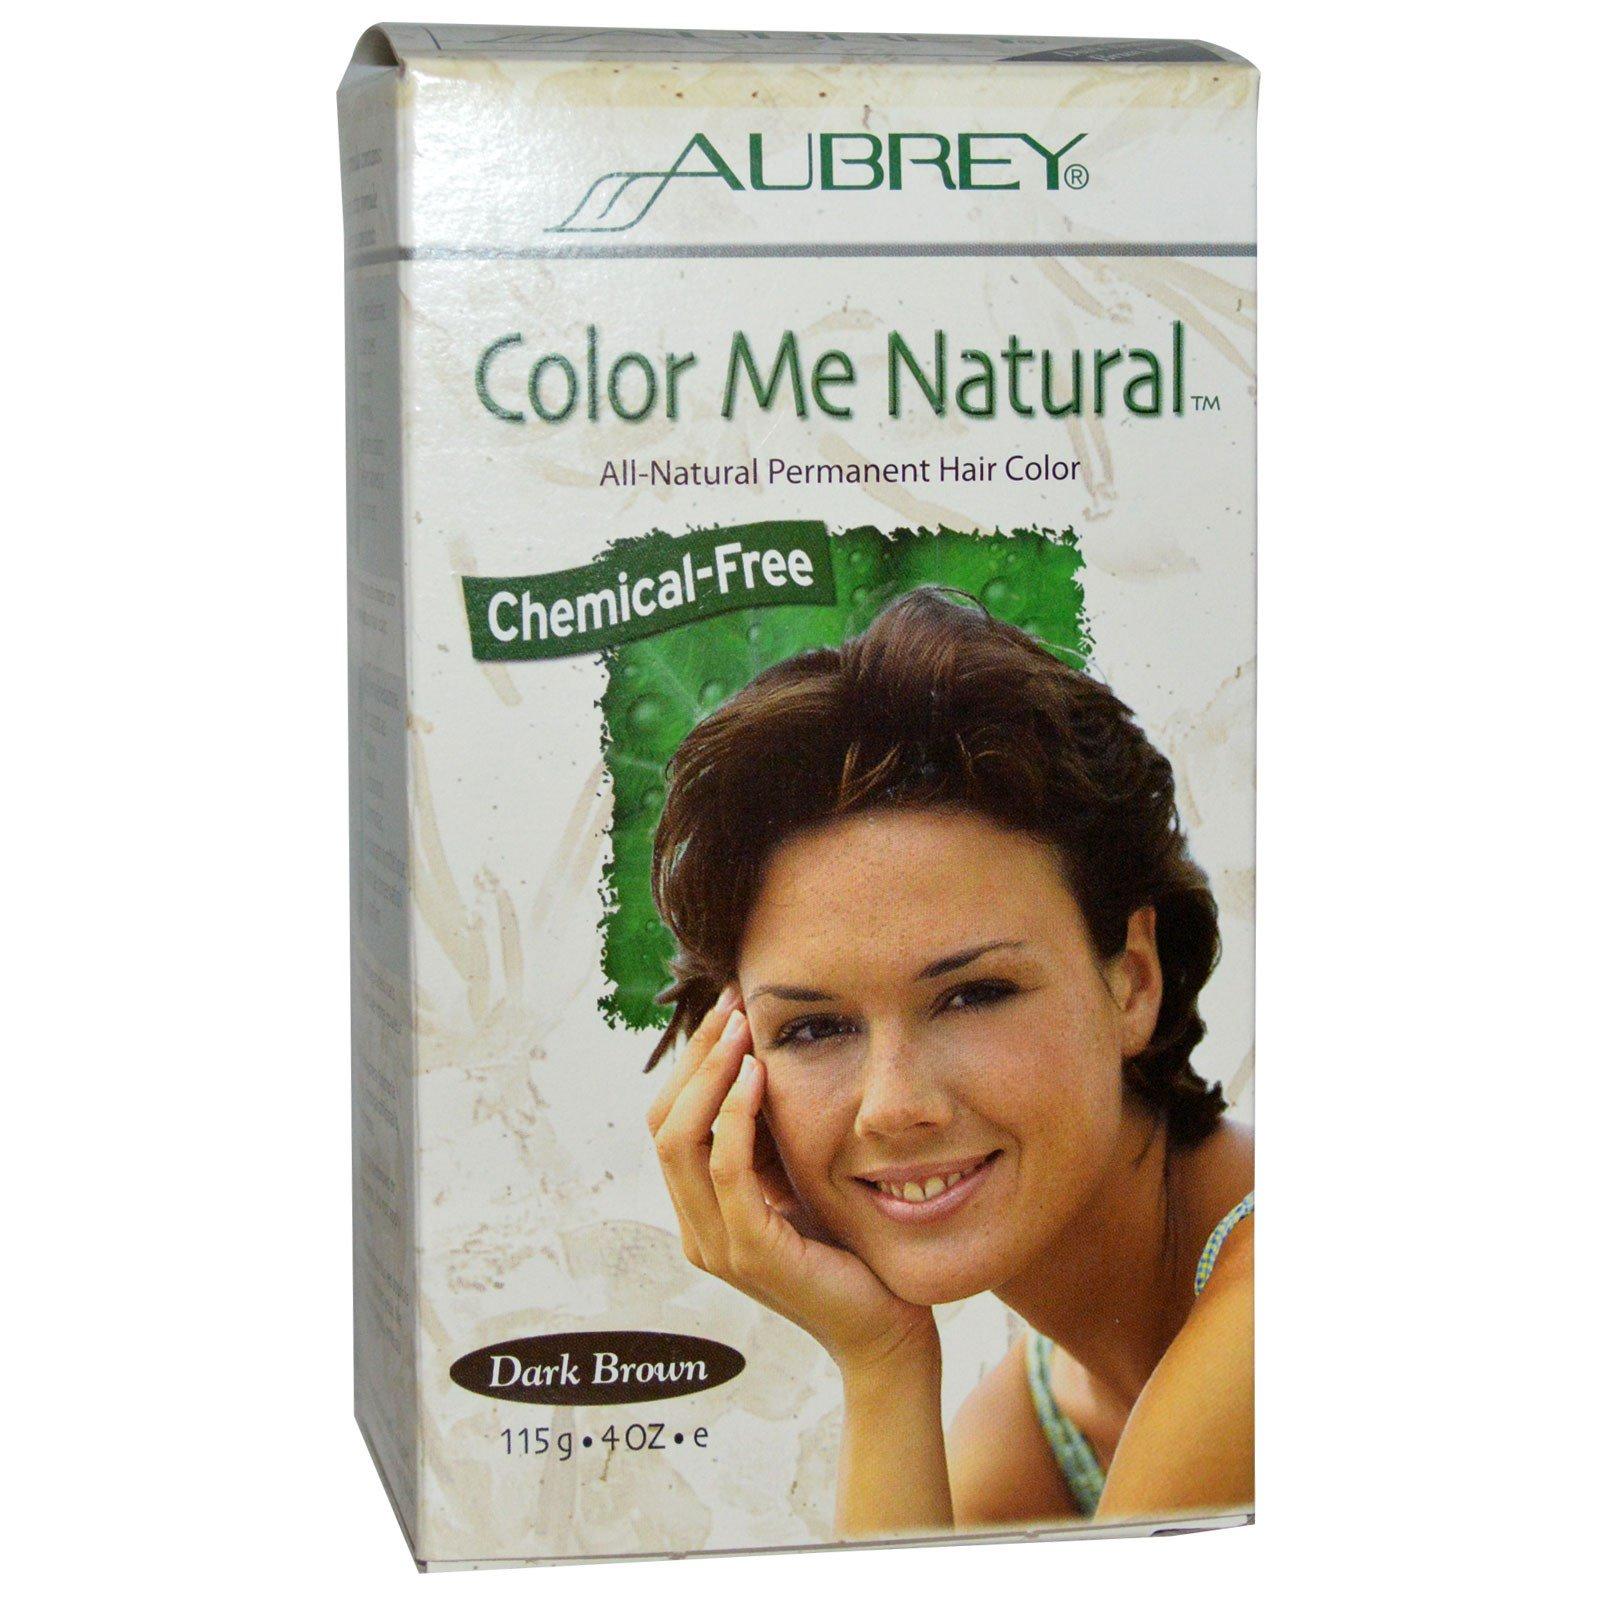 Aubrey Organics Color Me Natural 100 Natural Permanent Hair Color